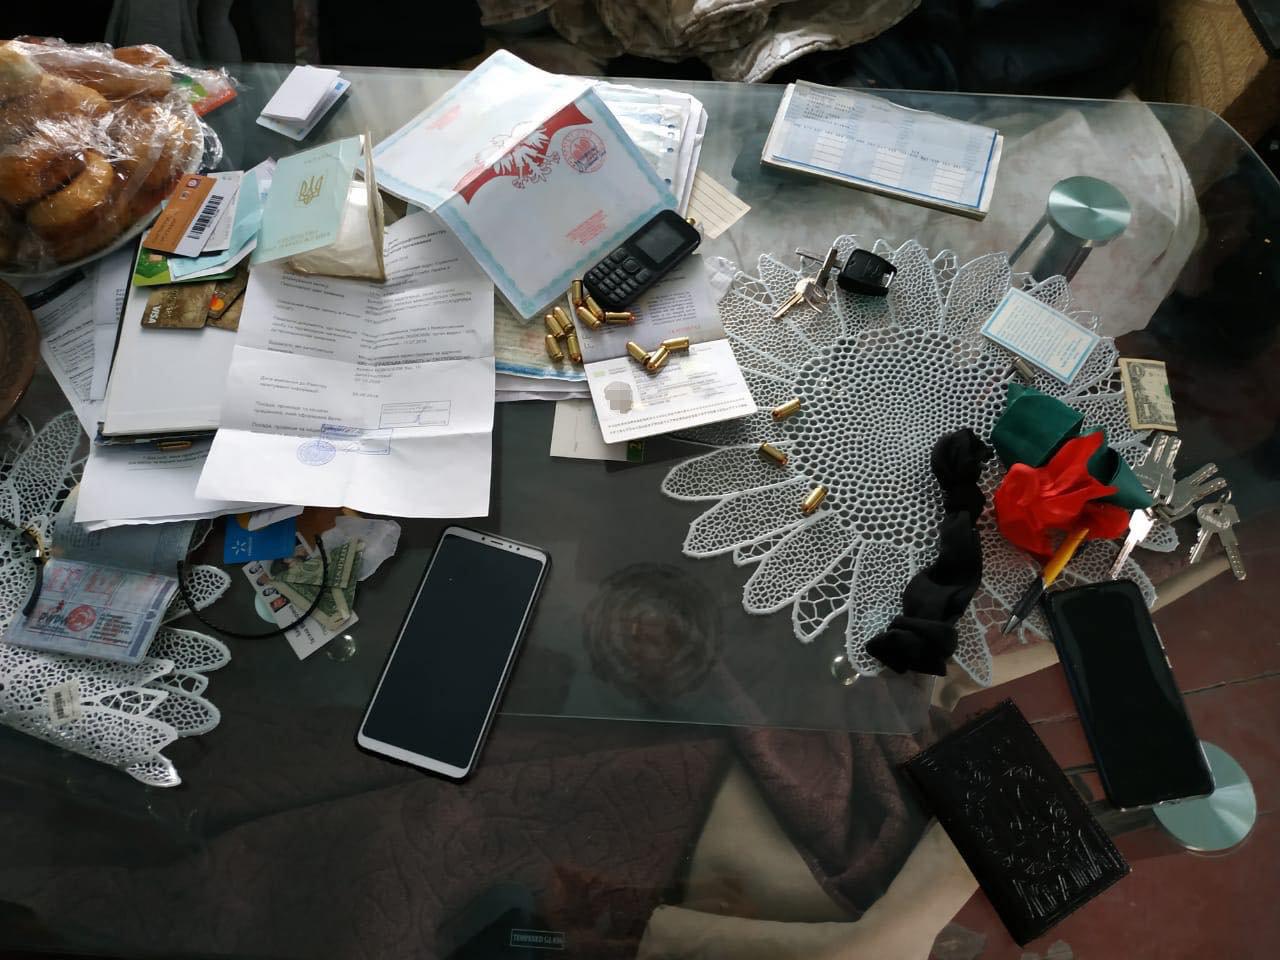 В Киеве двое мужчин похитили человека, чтобы завладеть его квартирой на Подоле, - ФОТО, фото-3